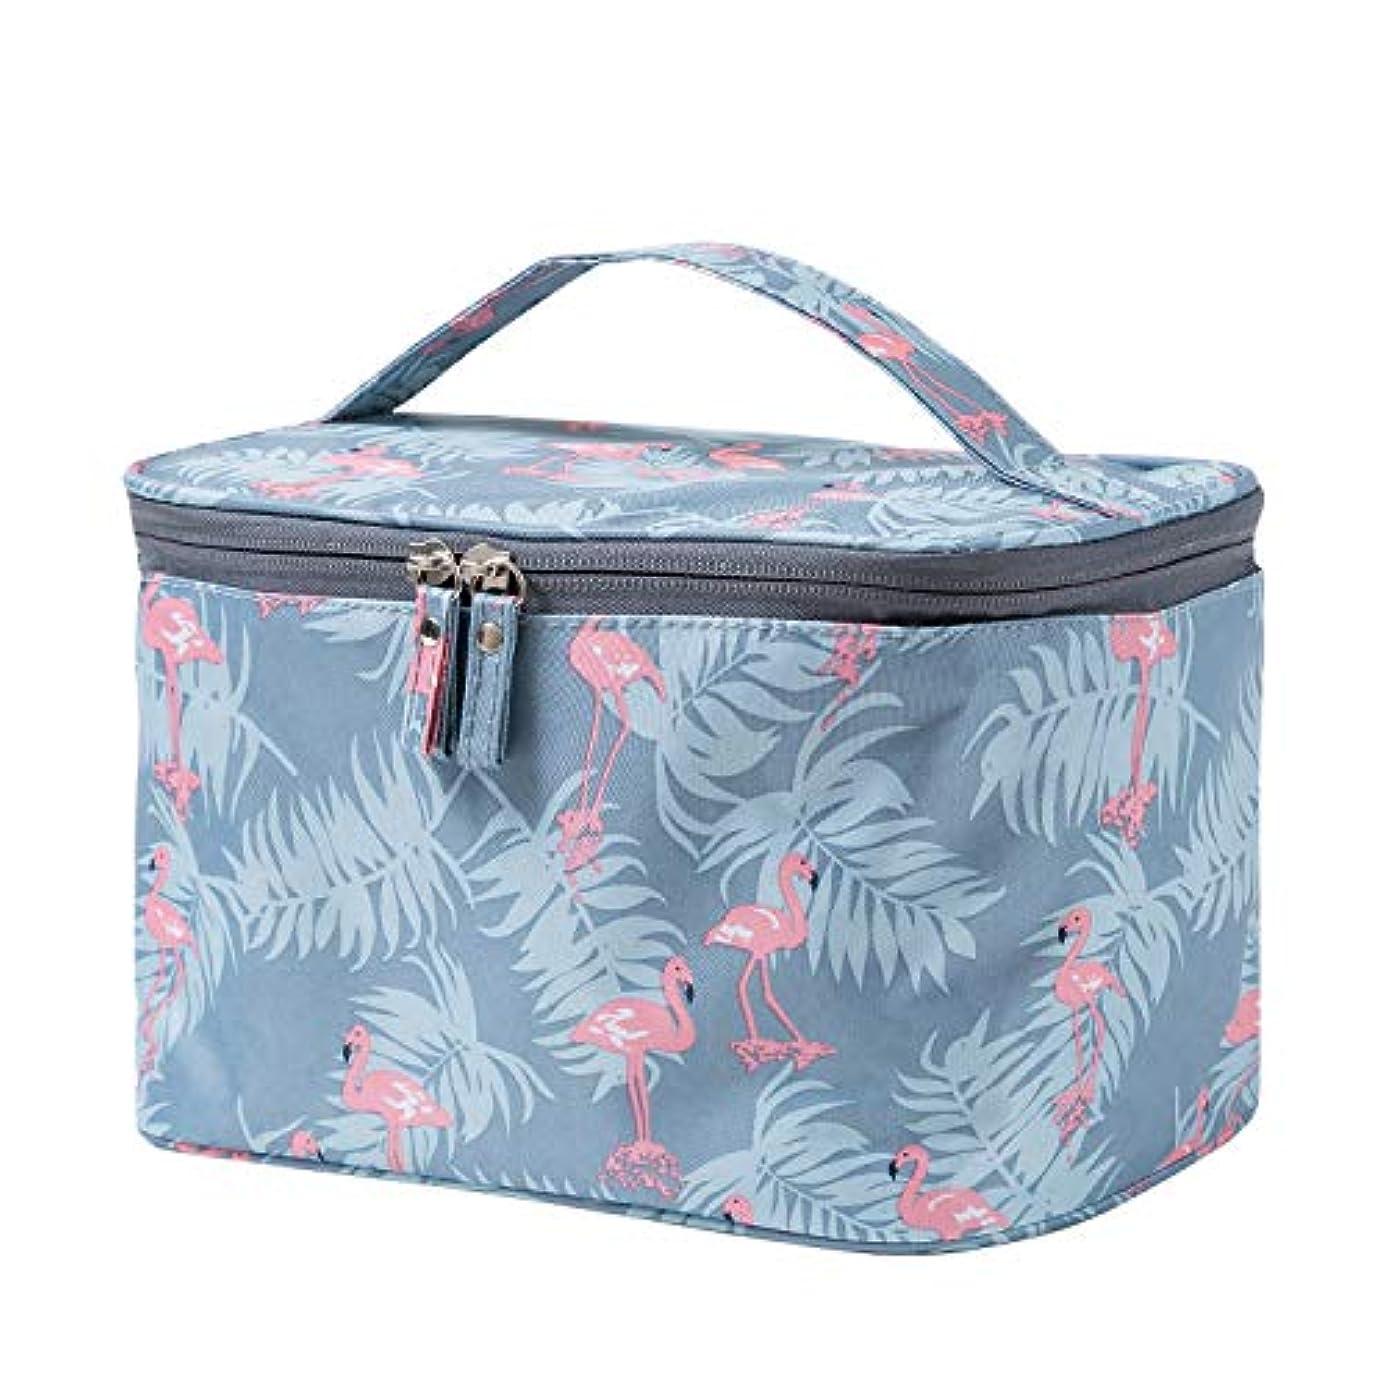 頑丈炎上槍HOYOFO 化粧ポーチ バニティポーチ 大容量 かわいい 旅行 メイクバッグ 防水 おしゃれ 化粧品収納 出張 折畳み 機能的 ブルー/フラミンゴ